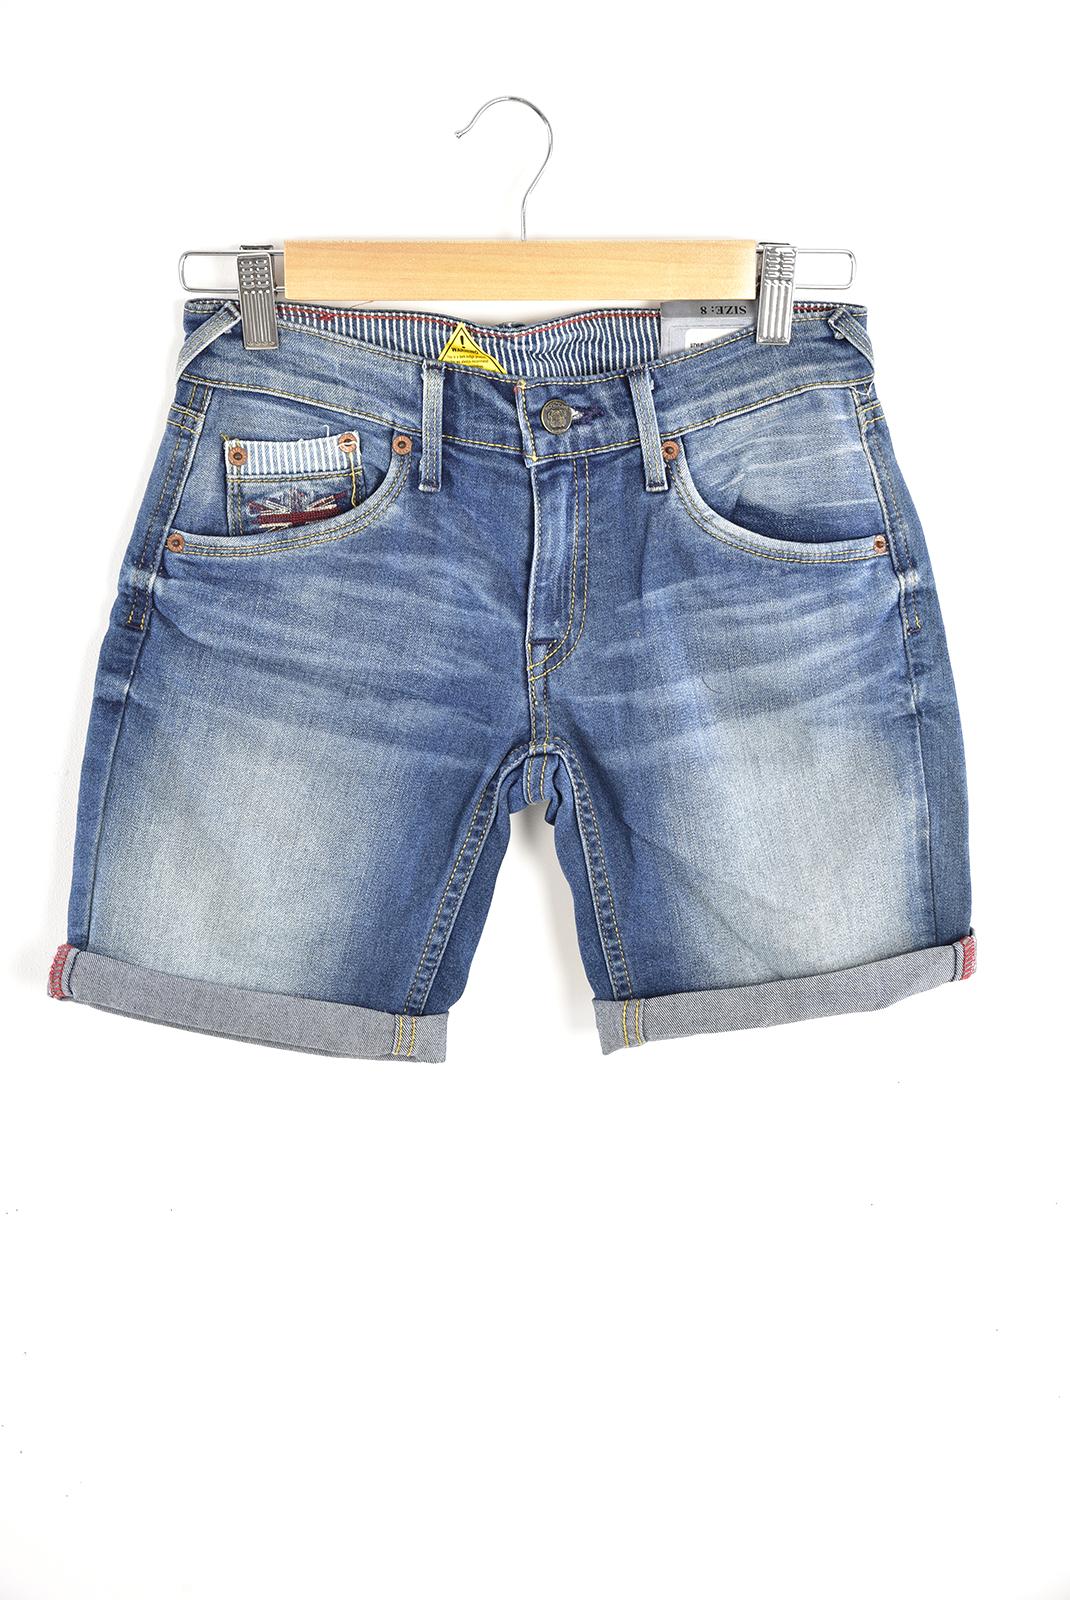 Bas  Pepe jeans PB200453 swenn bleu